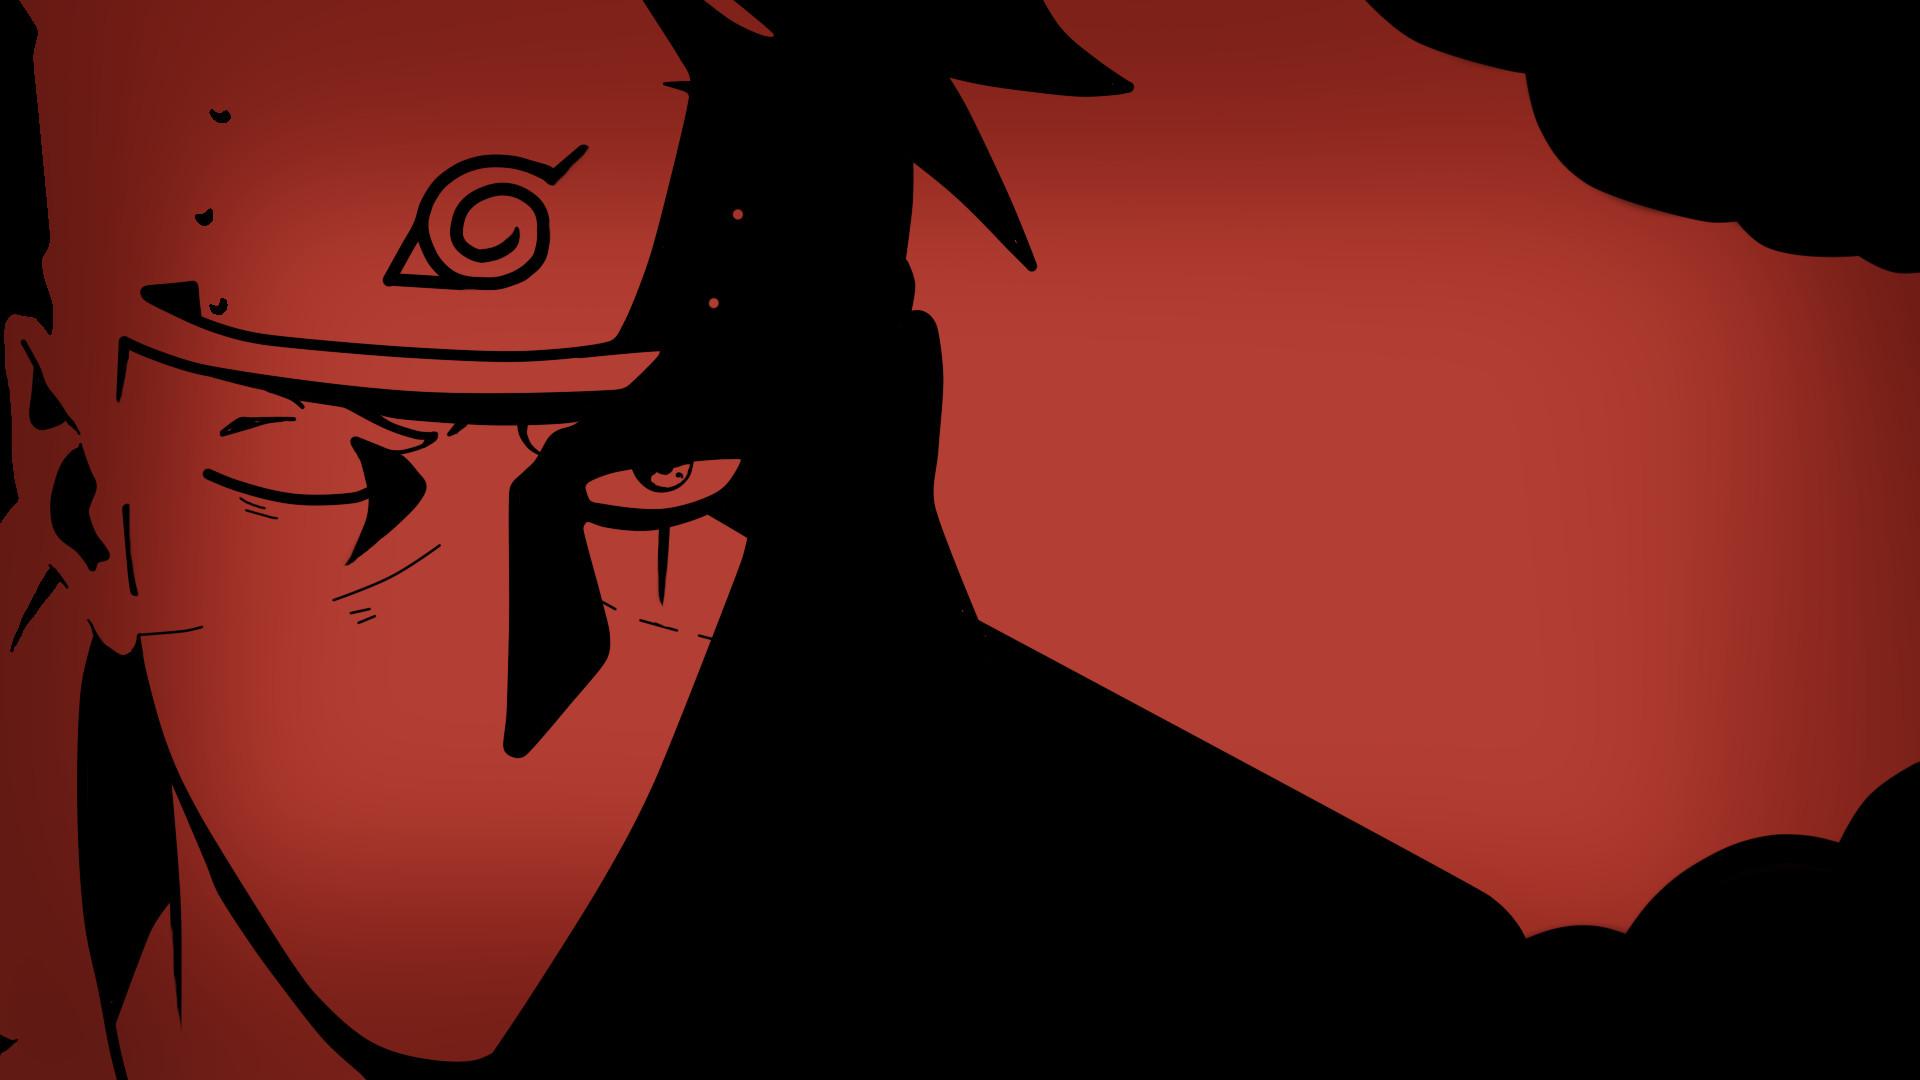 … Kakashi-Hatake-Naruto-Wallpapers-Full-HD-Free-Download- …